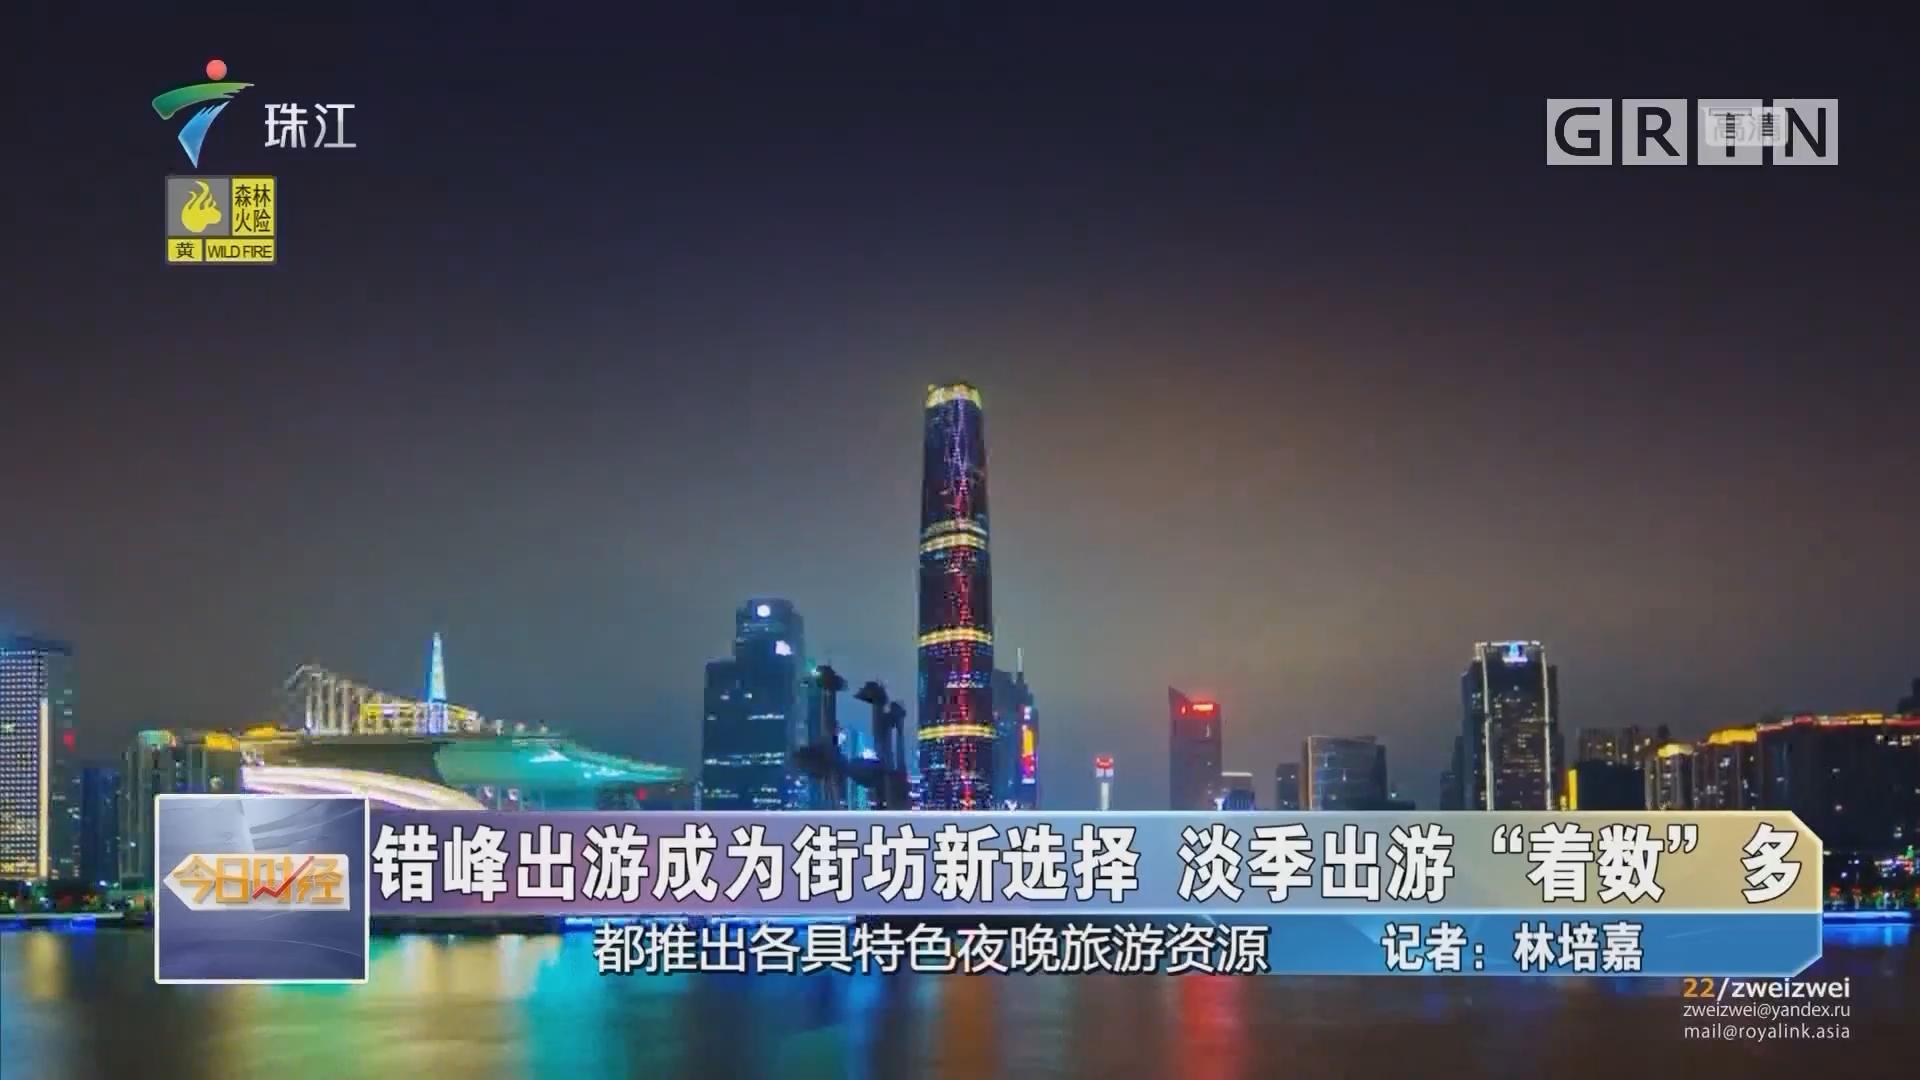 """错峰出游成为街坊新选择 淡季出游""""着数""""多"""